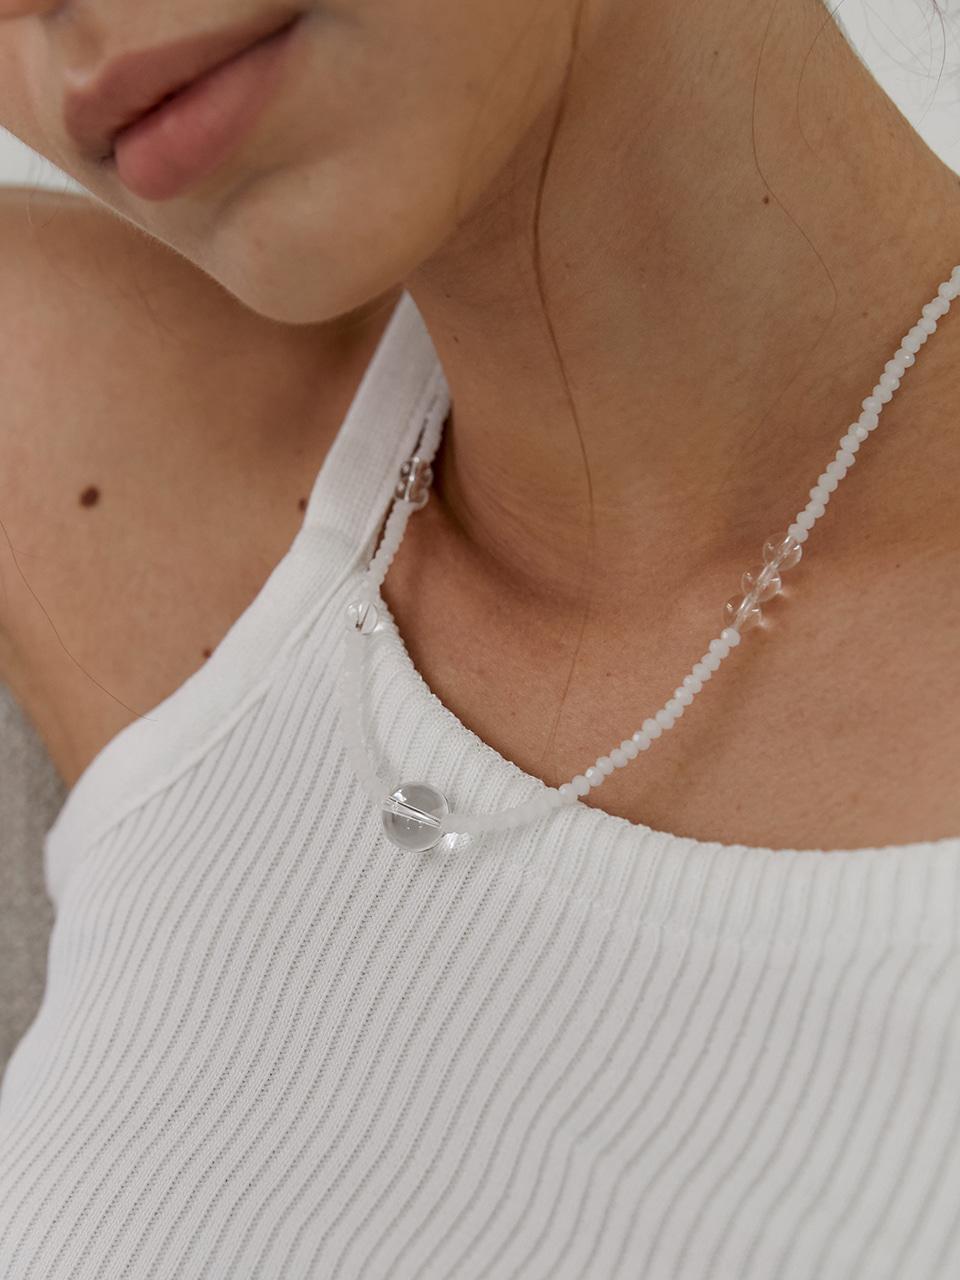 [레드벨벳 슬기 착용] pure quartz necklace